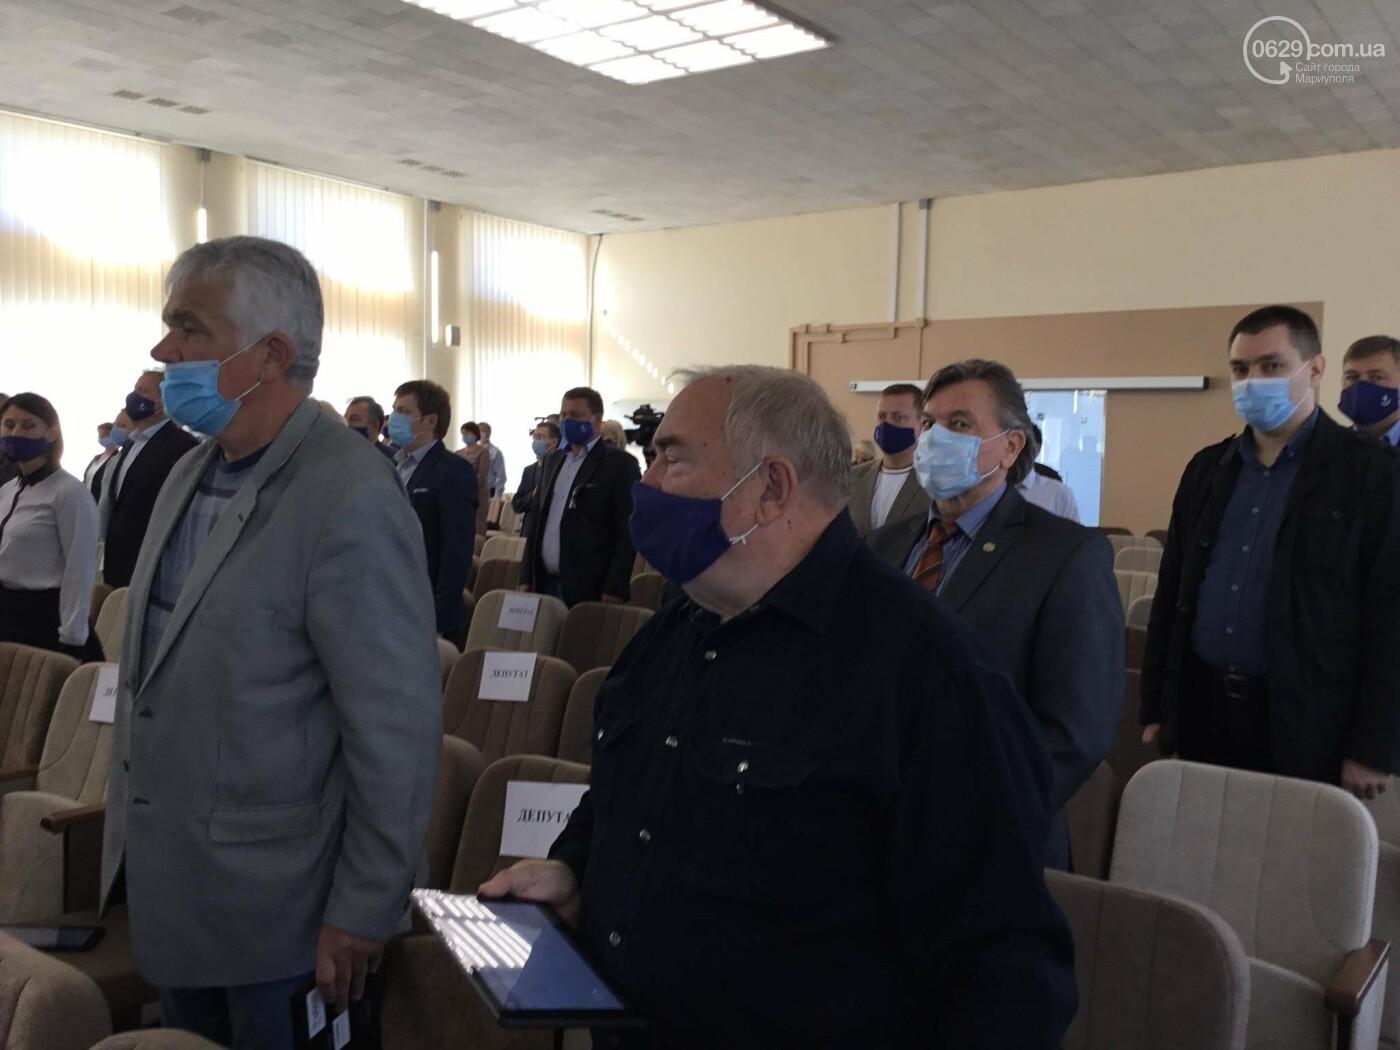 В Мариуполе врачей наградили орденами, - ФОТО, фото-2